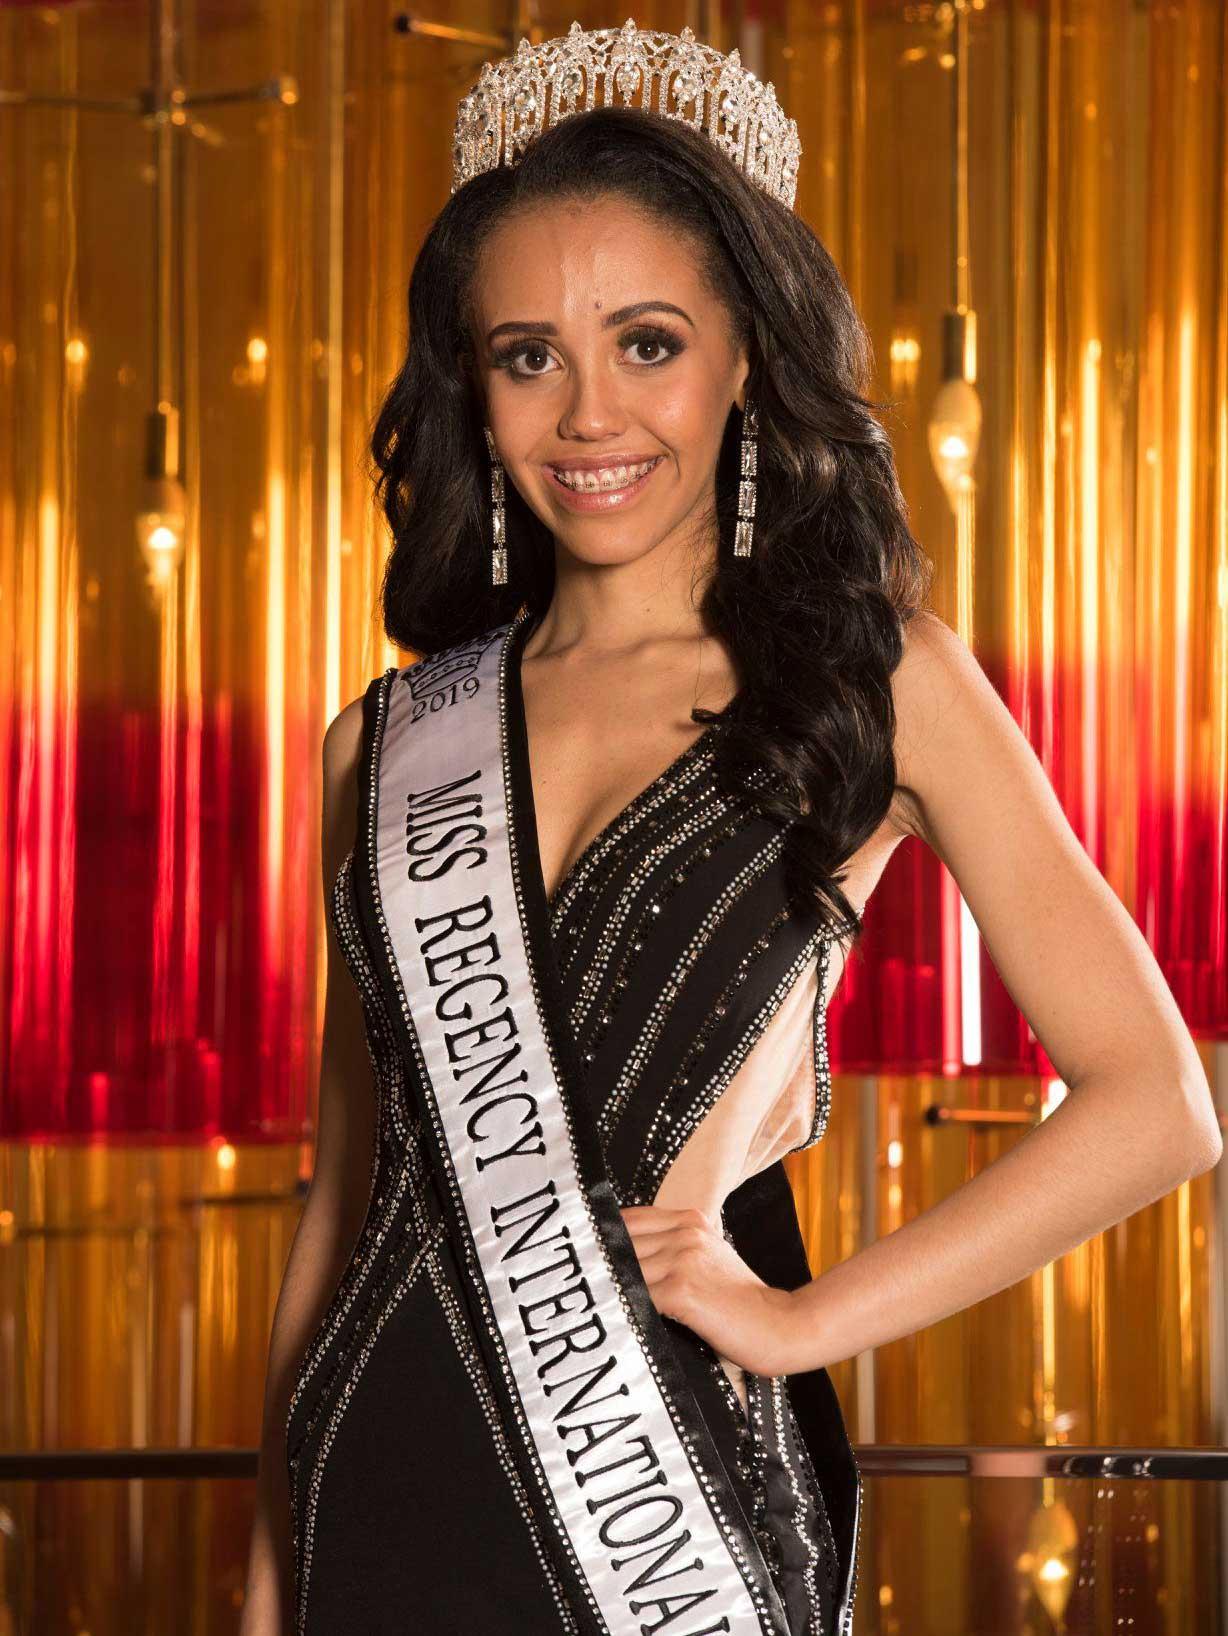 Miss Regency International 2019-2020 Sofia Mayers